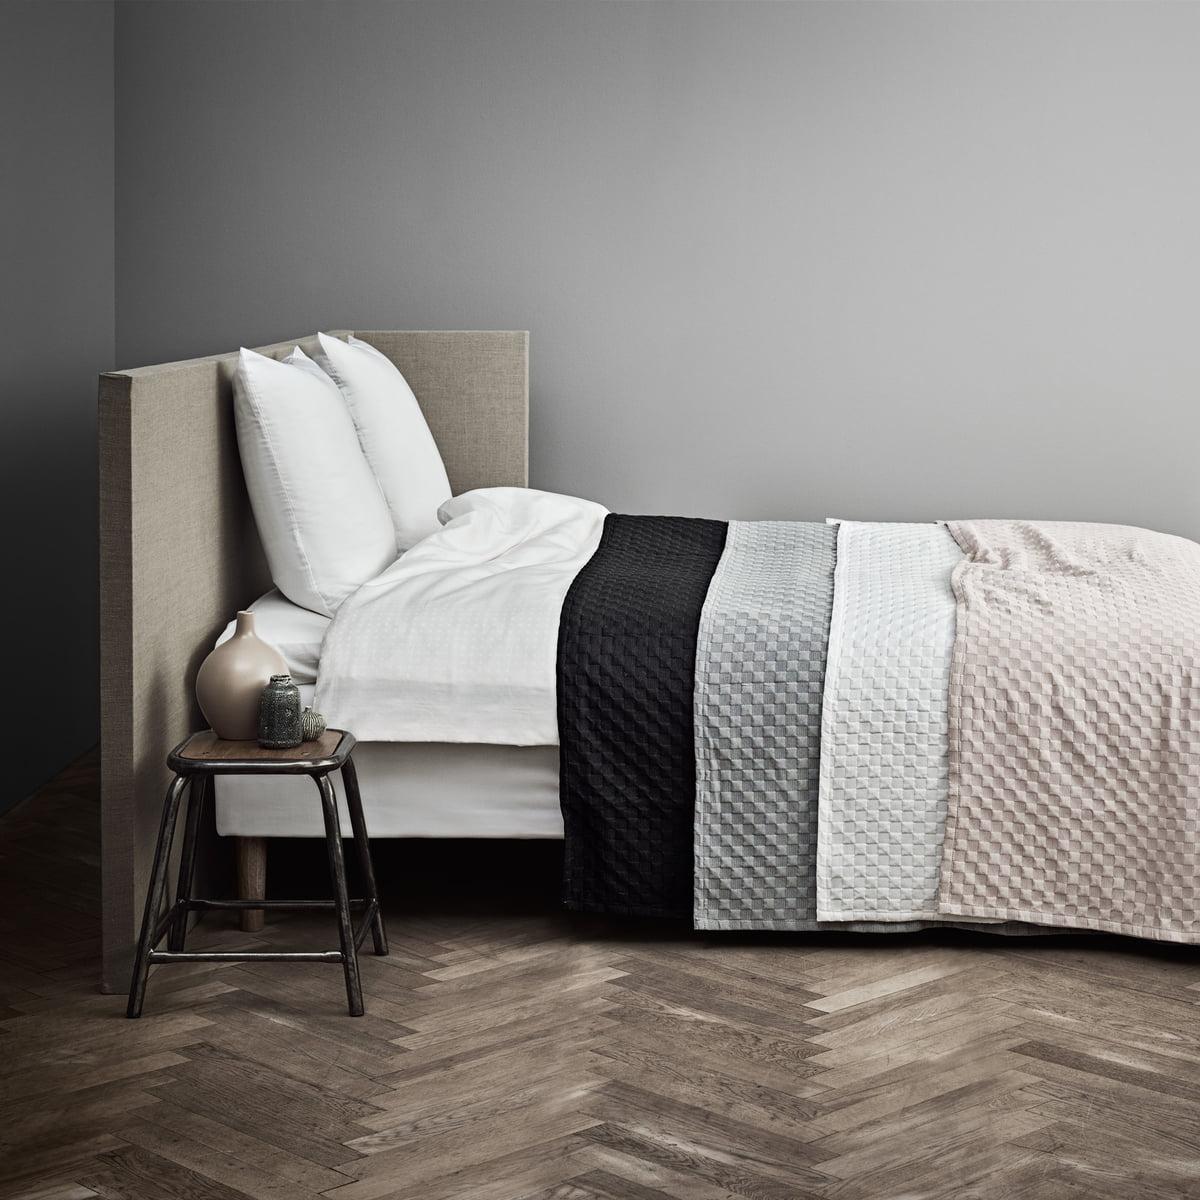 caro tagesdecke von juna connox shop kaufen. Black Bedroom Furniture Sets. Home Design Ideas